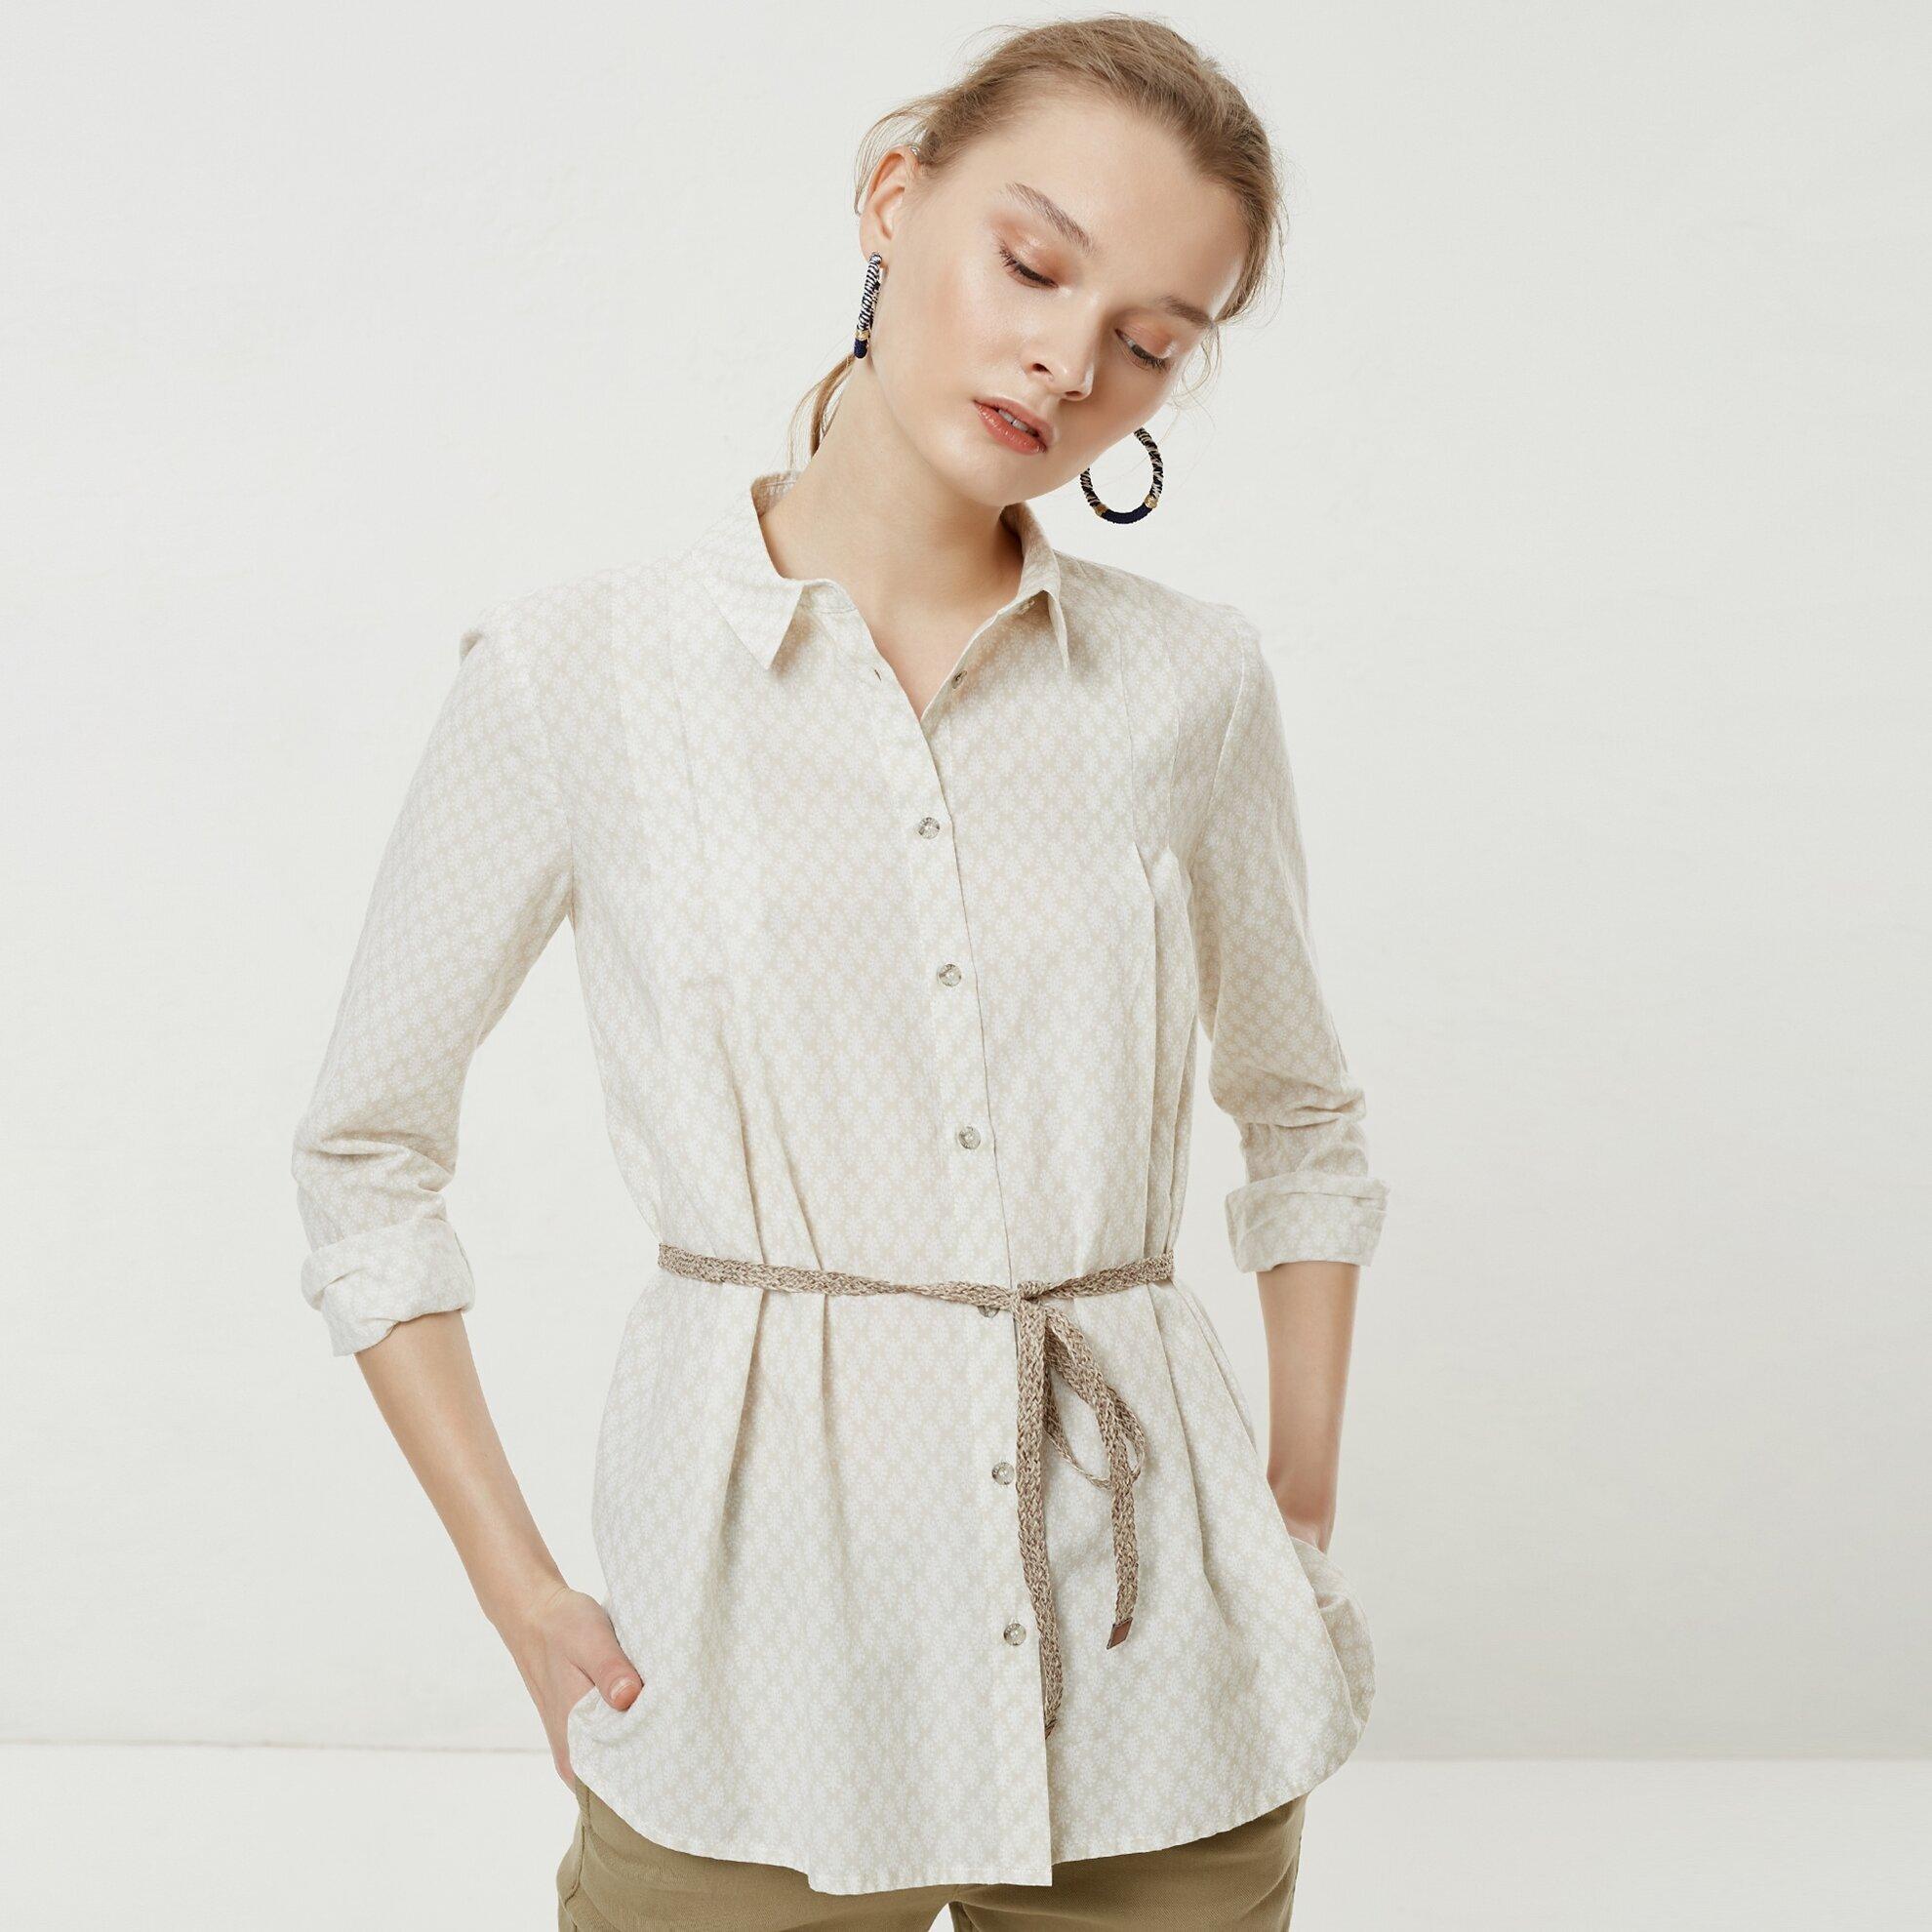 Kemer Detaylı Gömlek